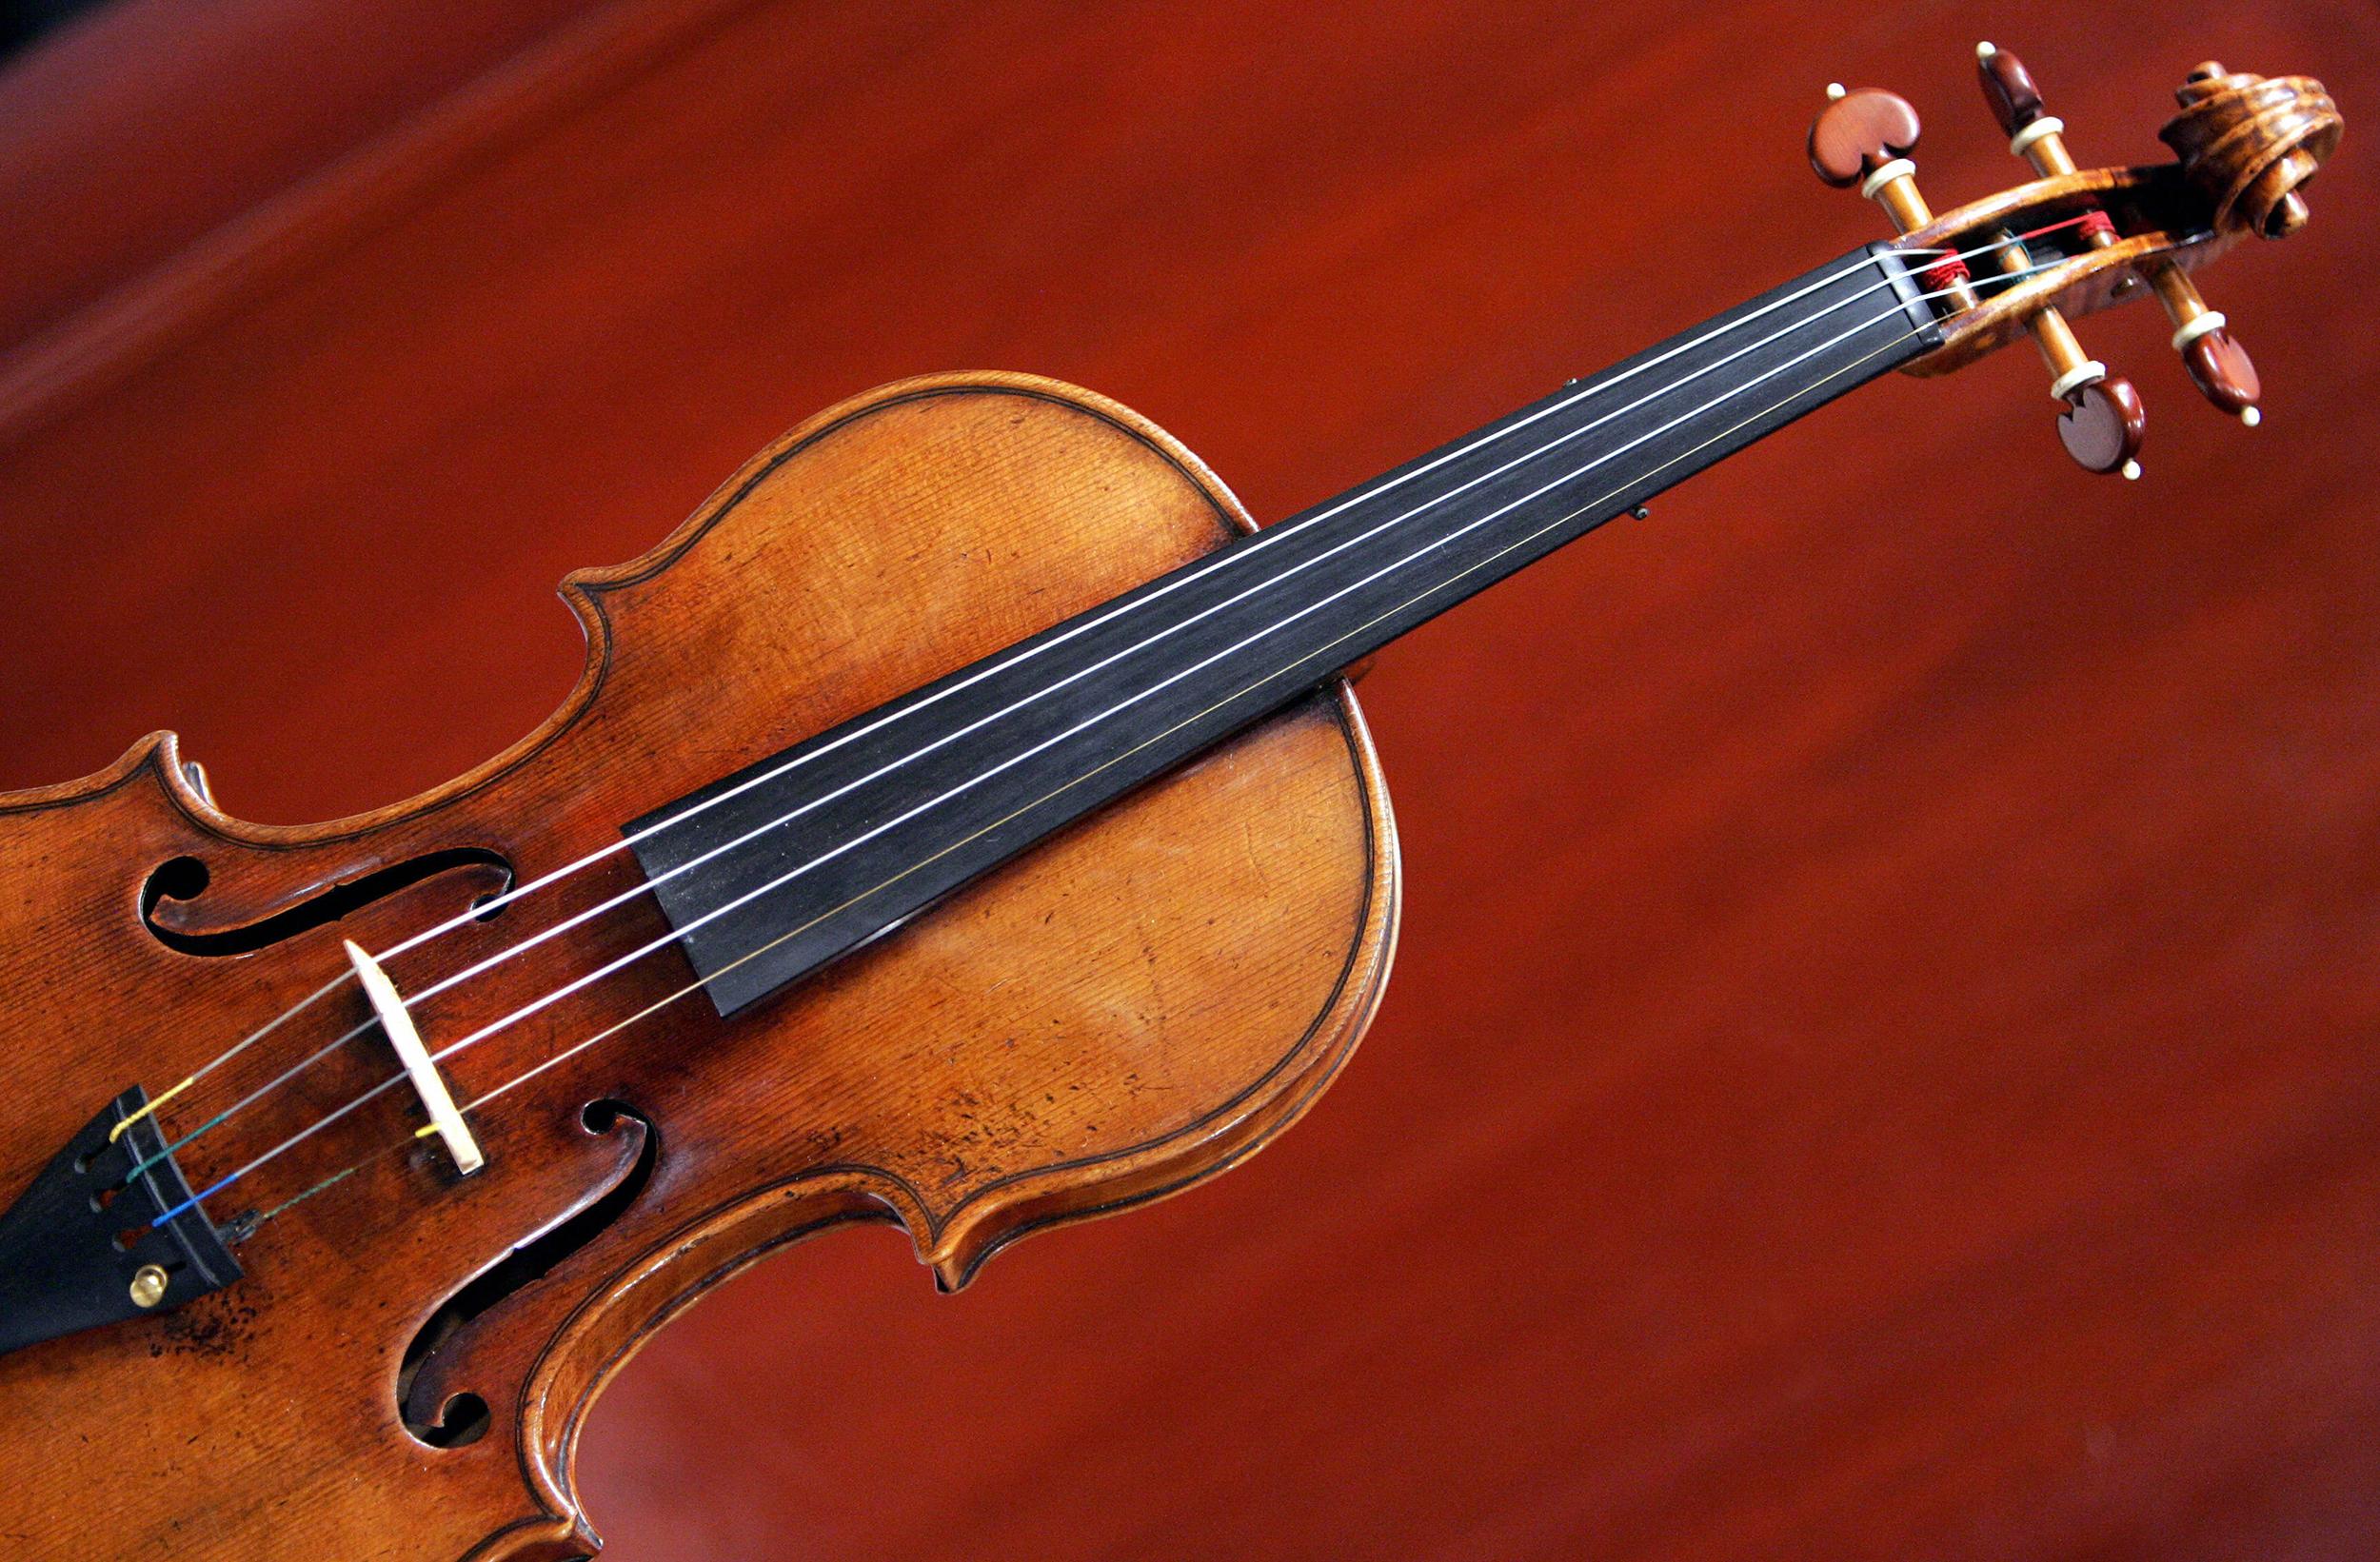 300-year-old Stradivarius violin stolen from musician - U.S. News